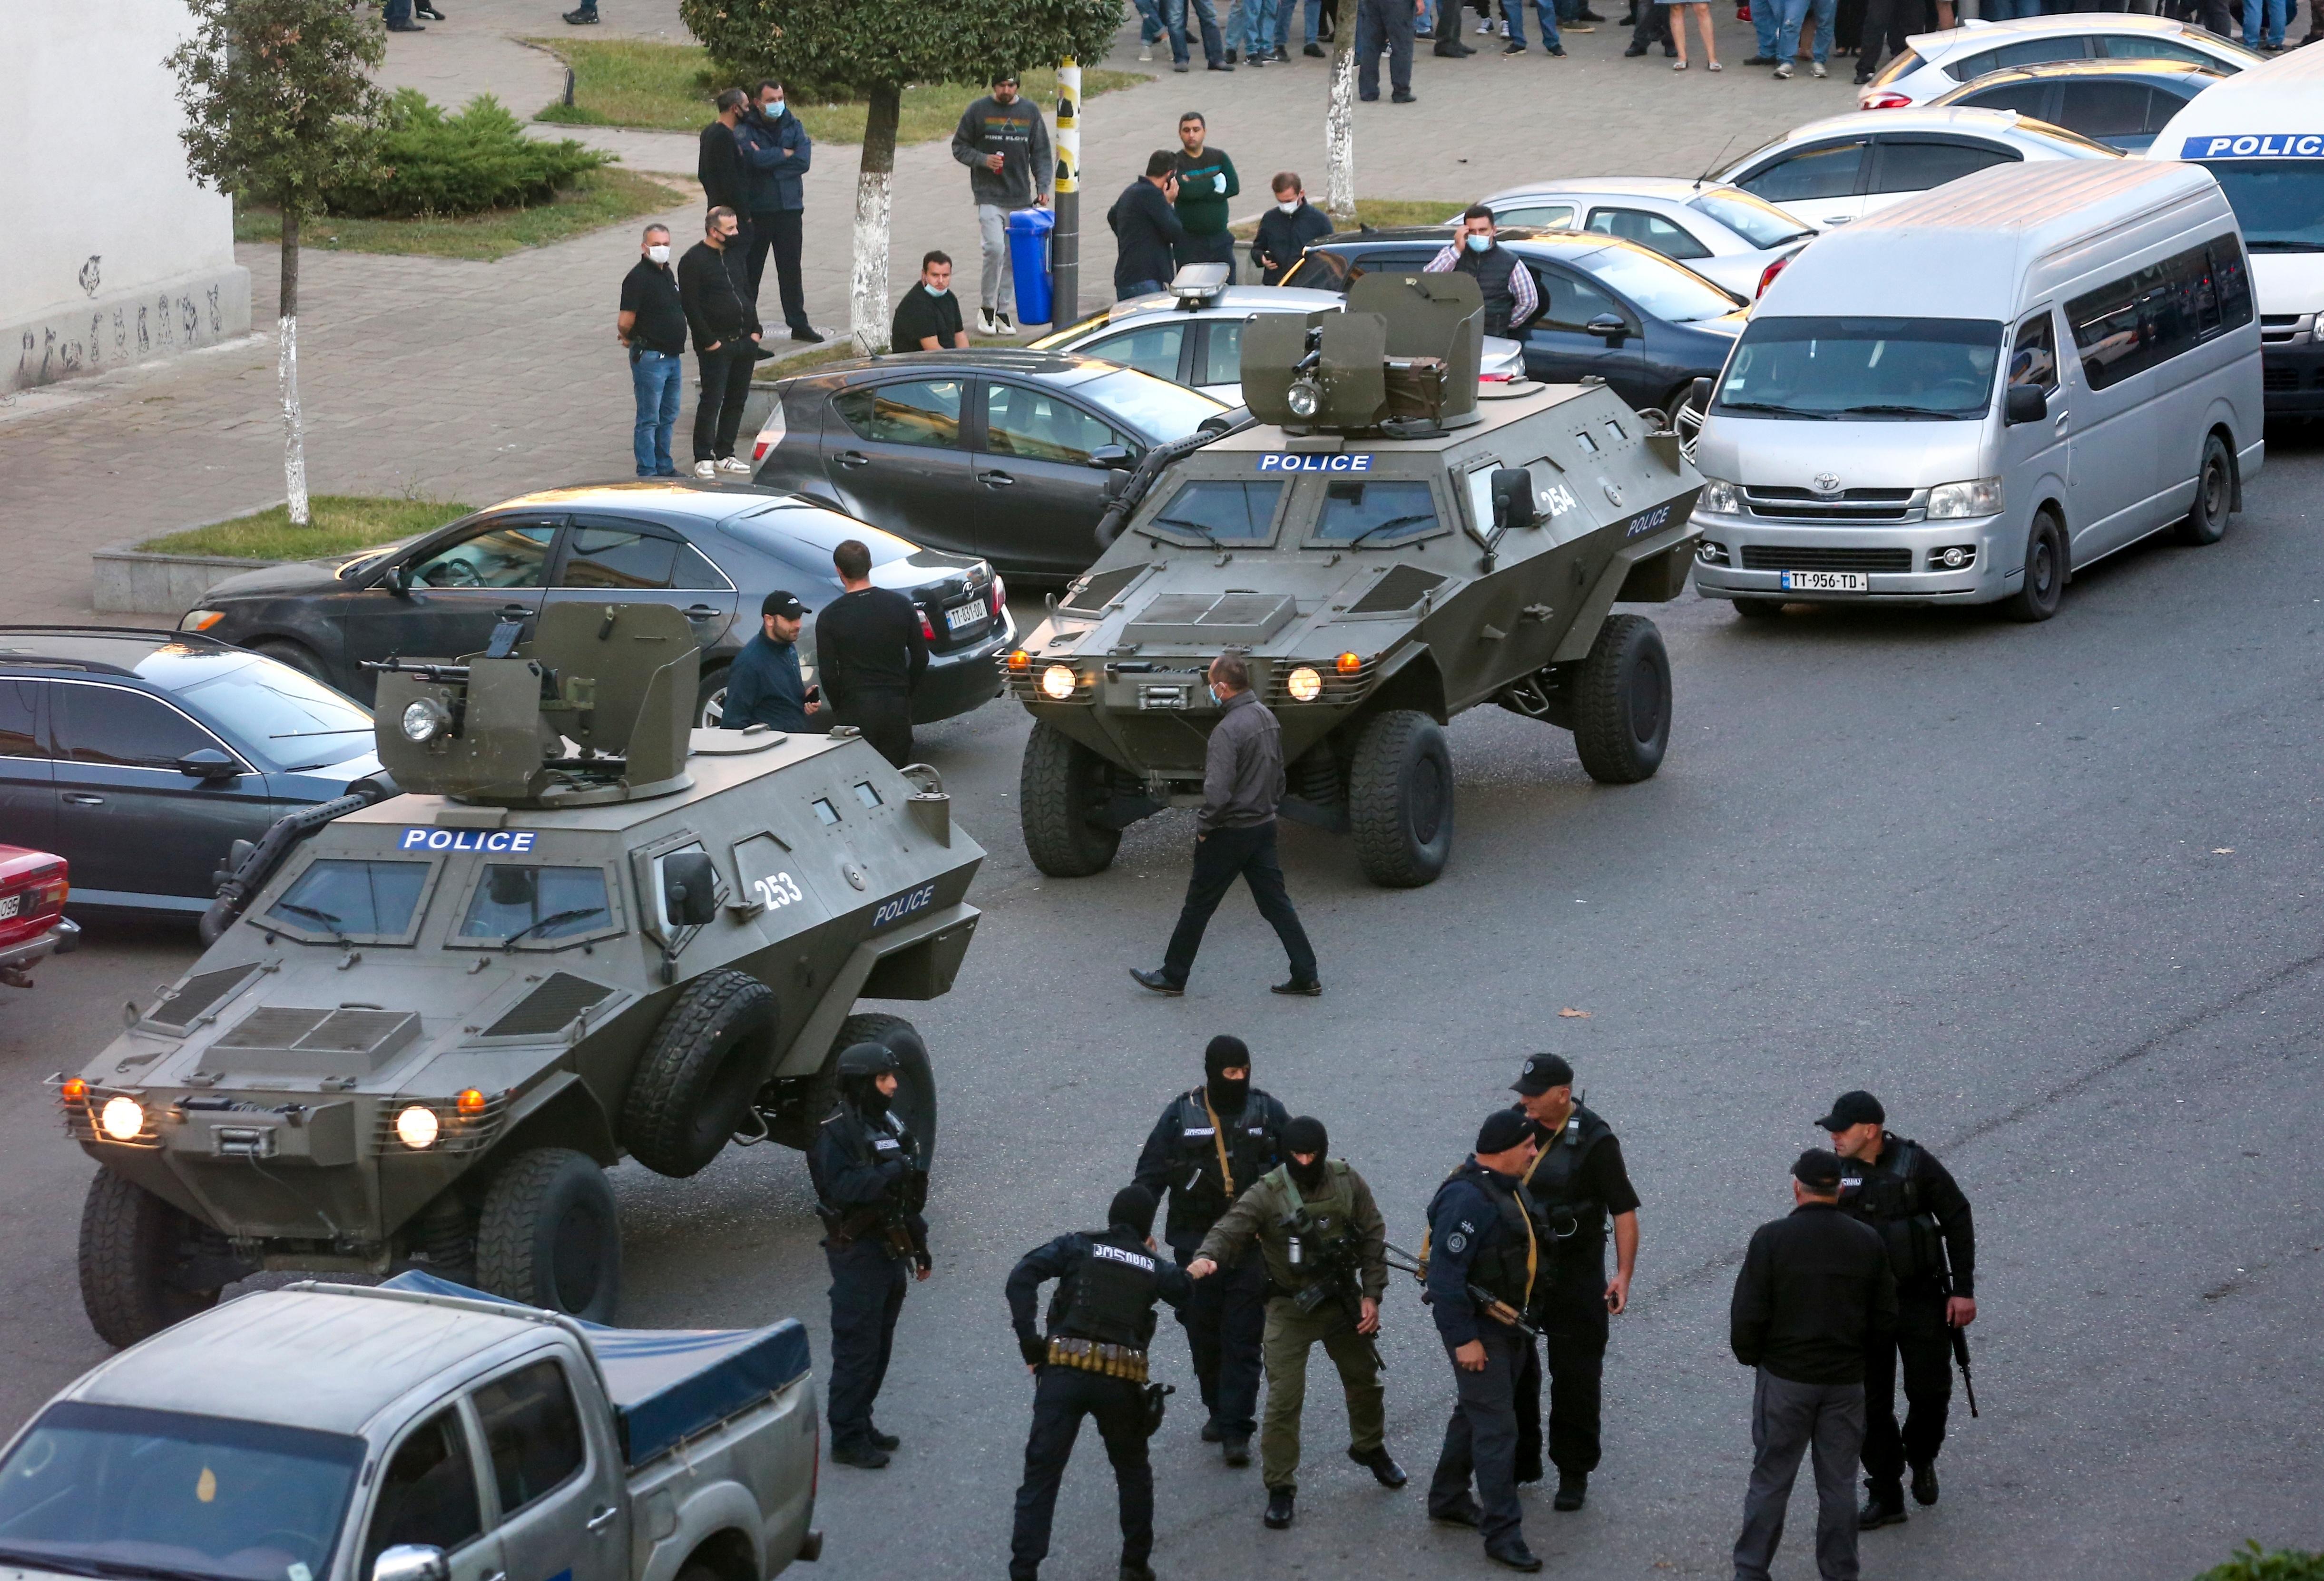 СМИ: Захватчик банка в Грузии по-прежнему на свободе и едет в Абхазию